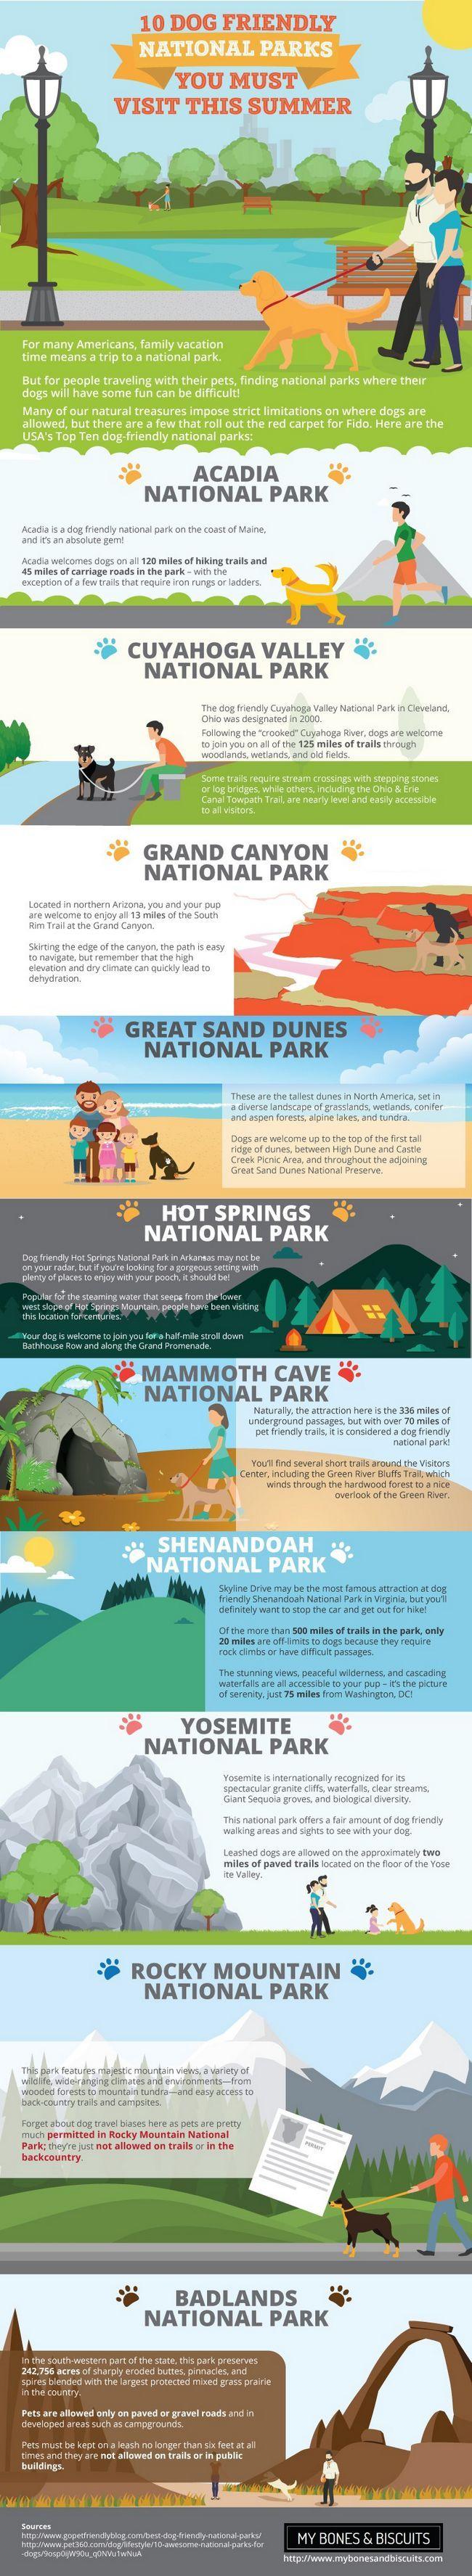 Se admiten perros en los parques nacionales de estados unidos: sacar el máximo provecho de su verano!